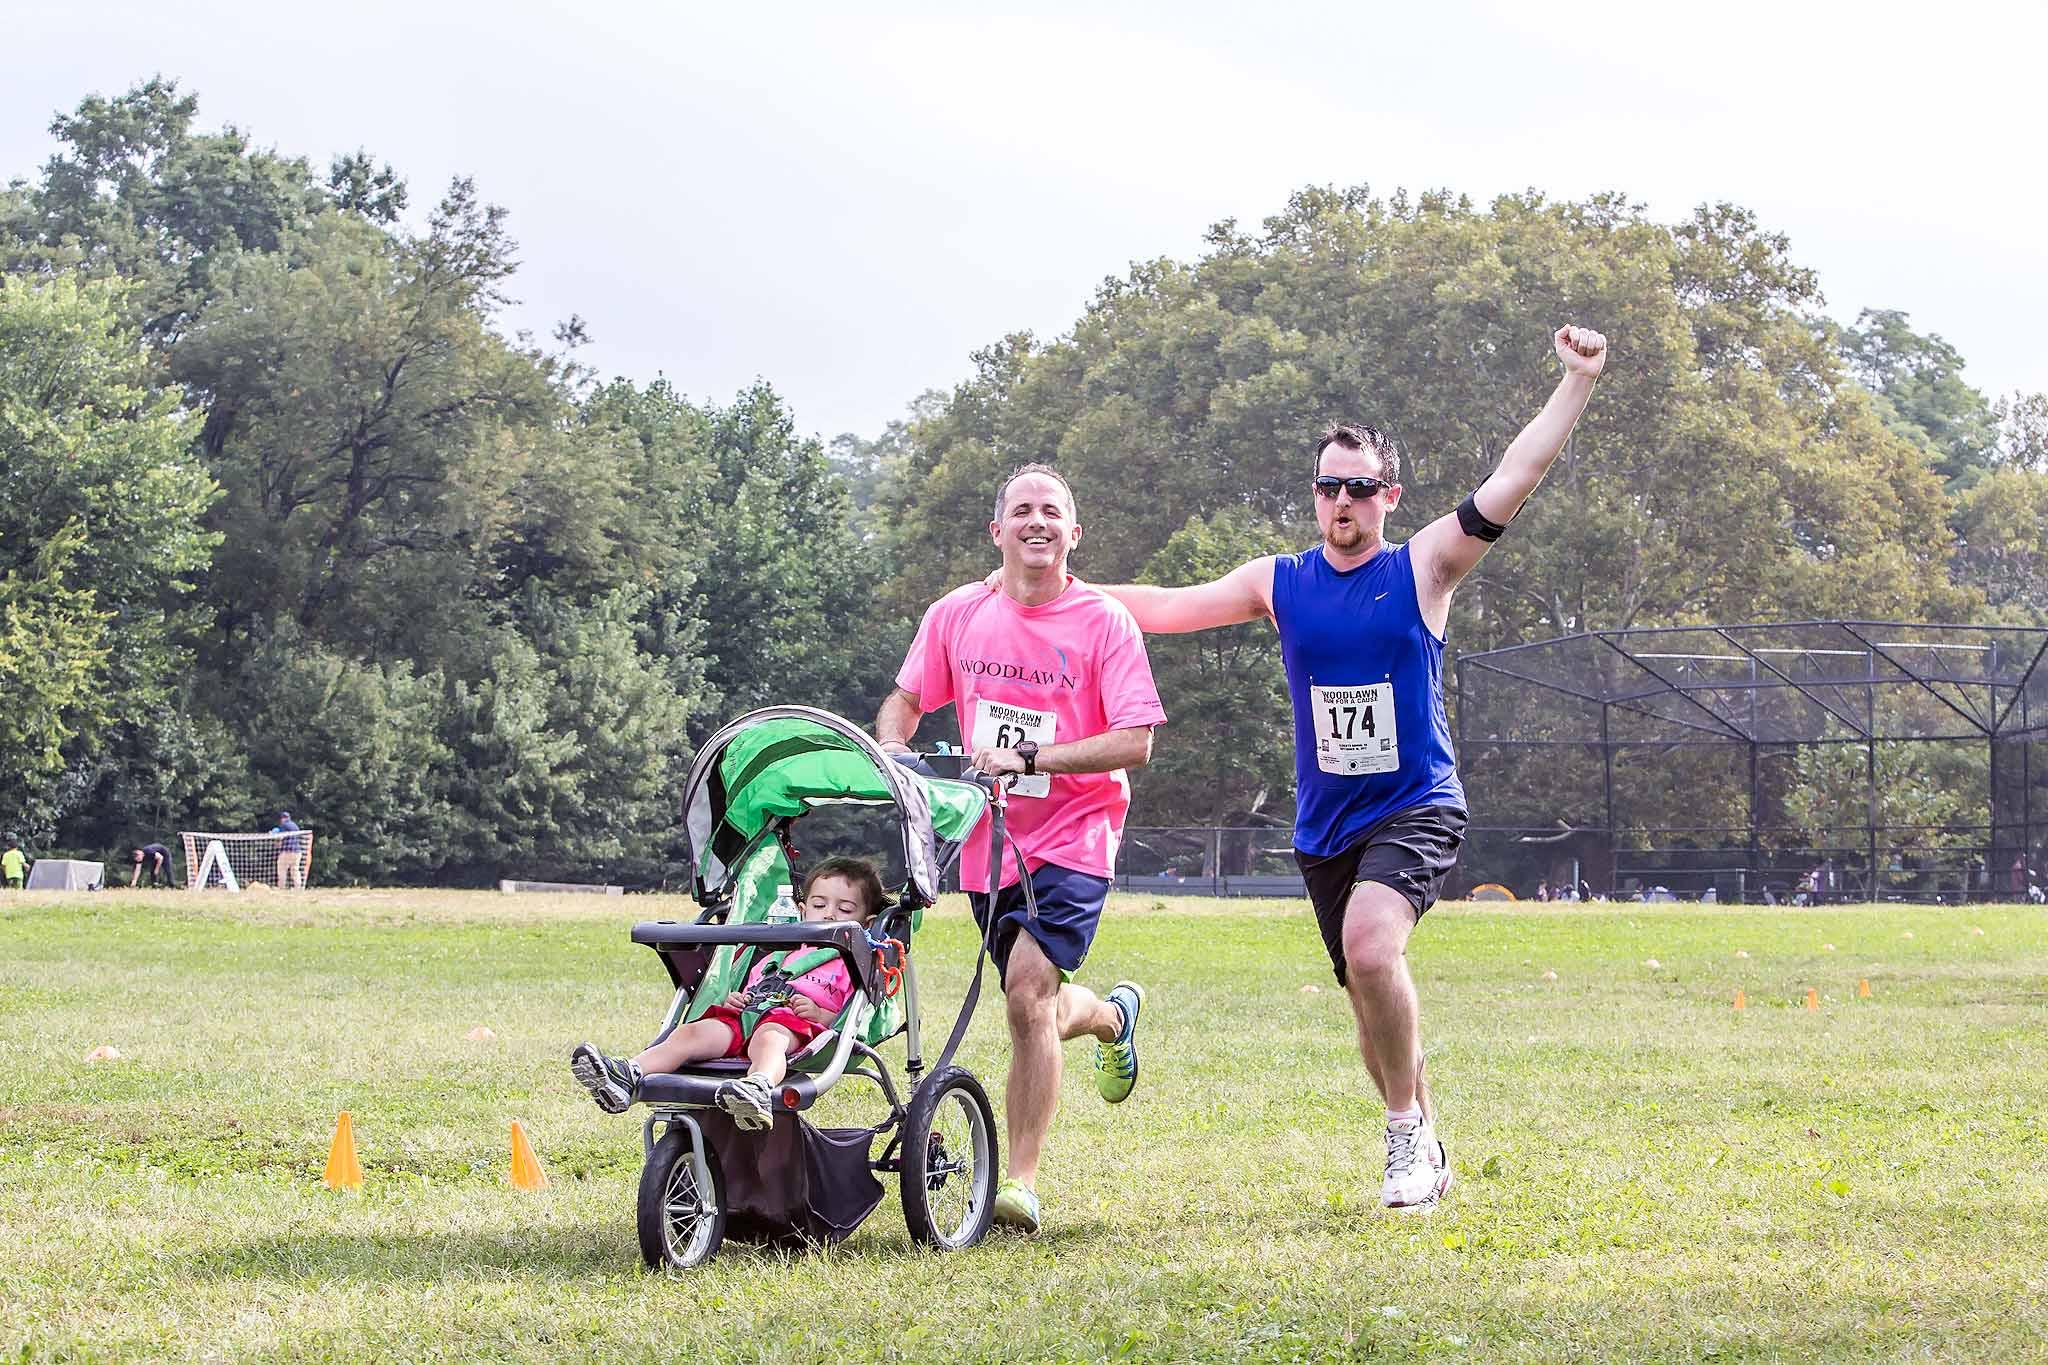 98-Woodlawn Run for a Cause-226.jpg